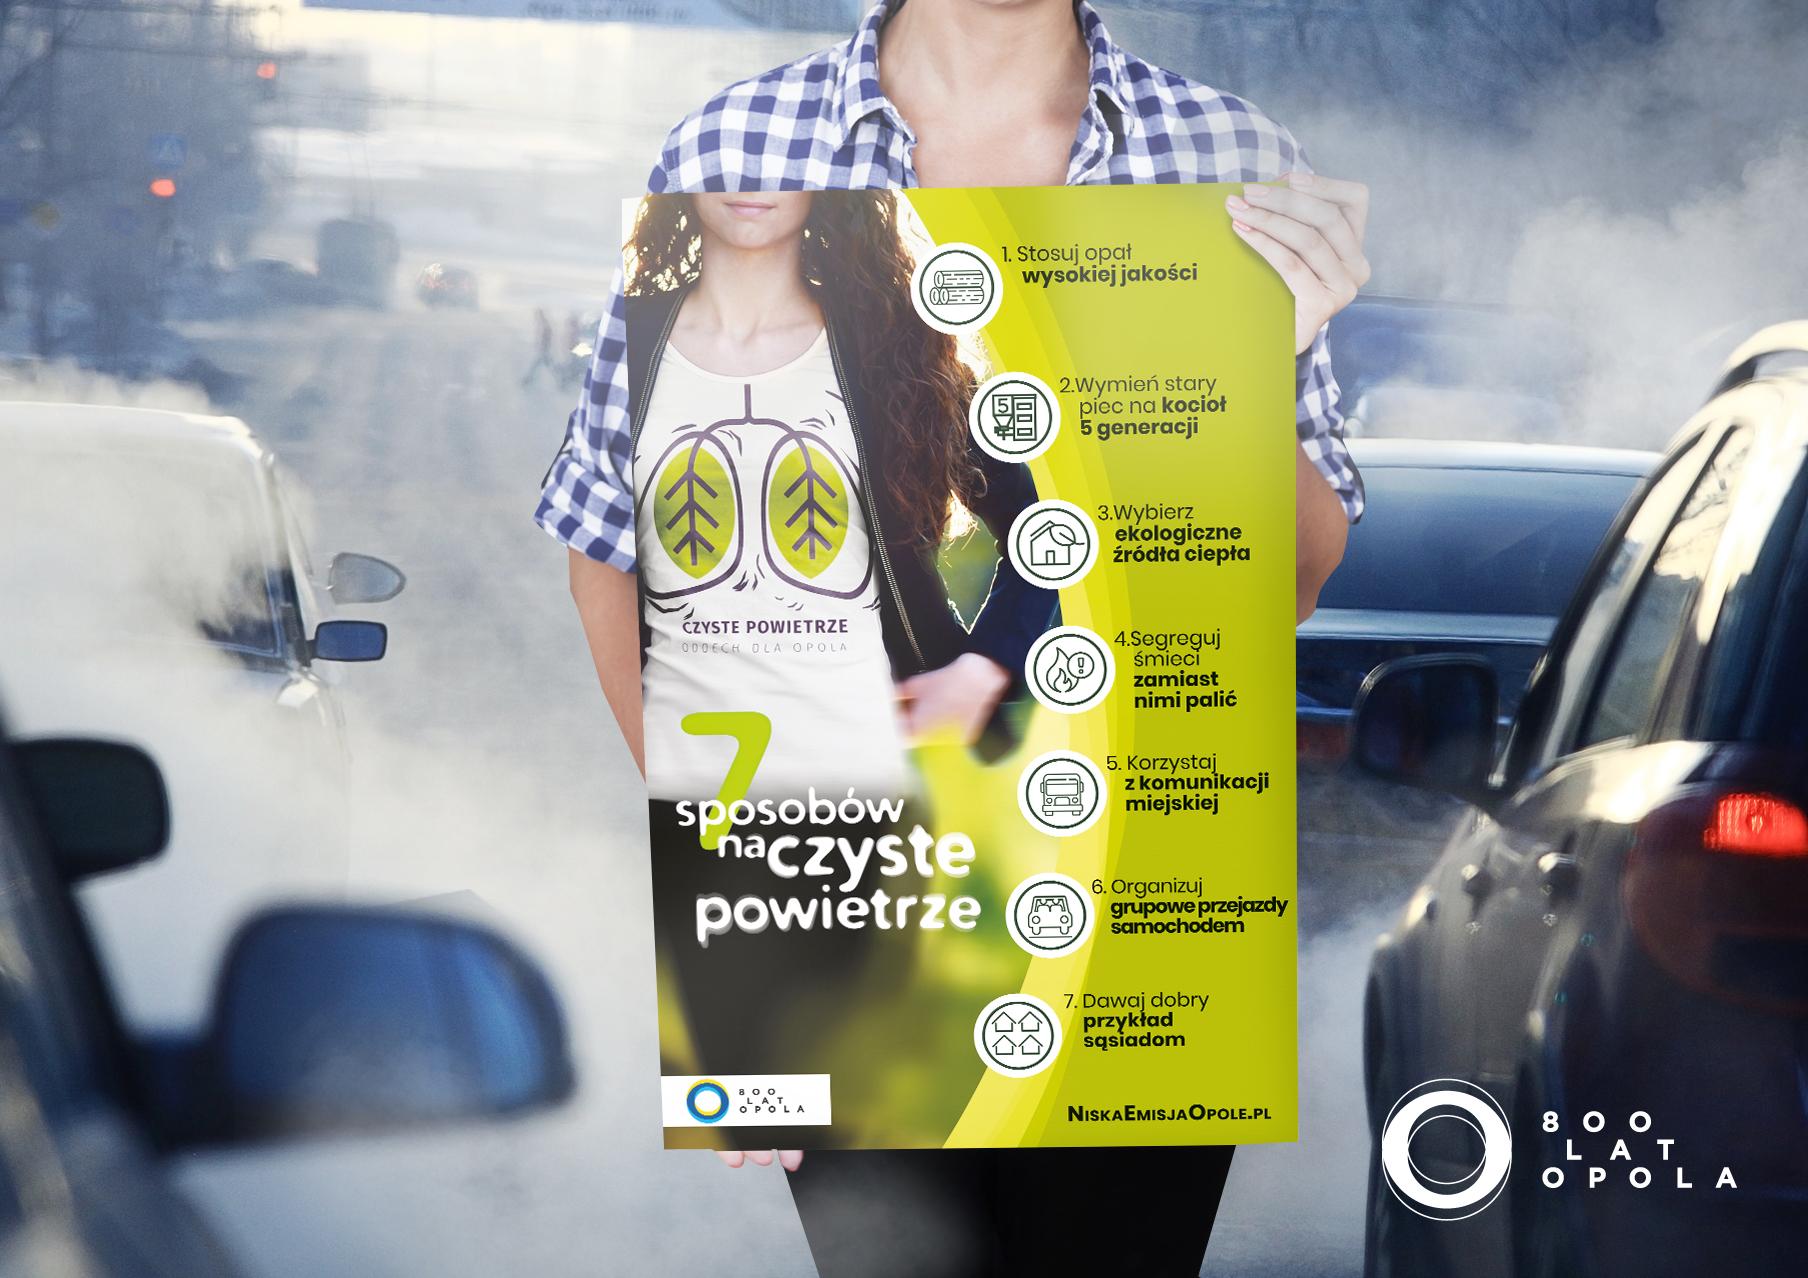 Grafika ze sposobami na czyste powietrze (portfolio MDI, kampania Oddech dla Opola).